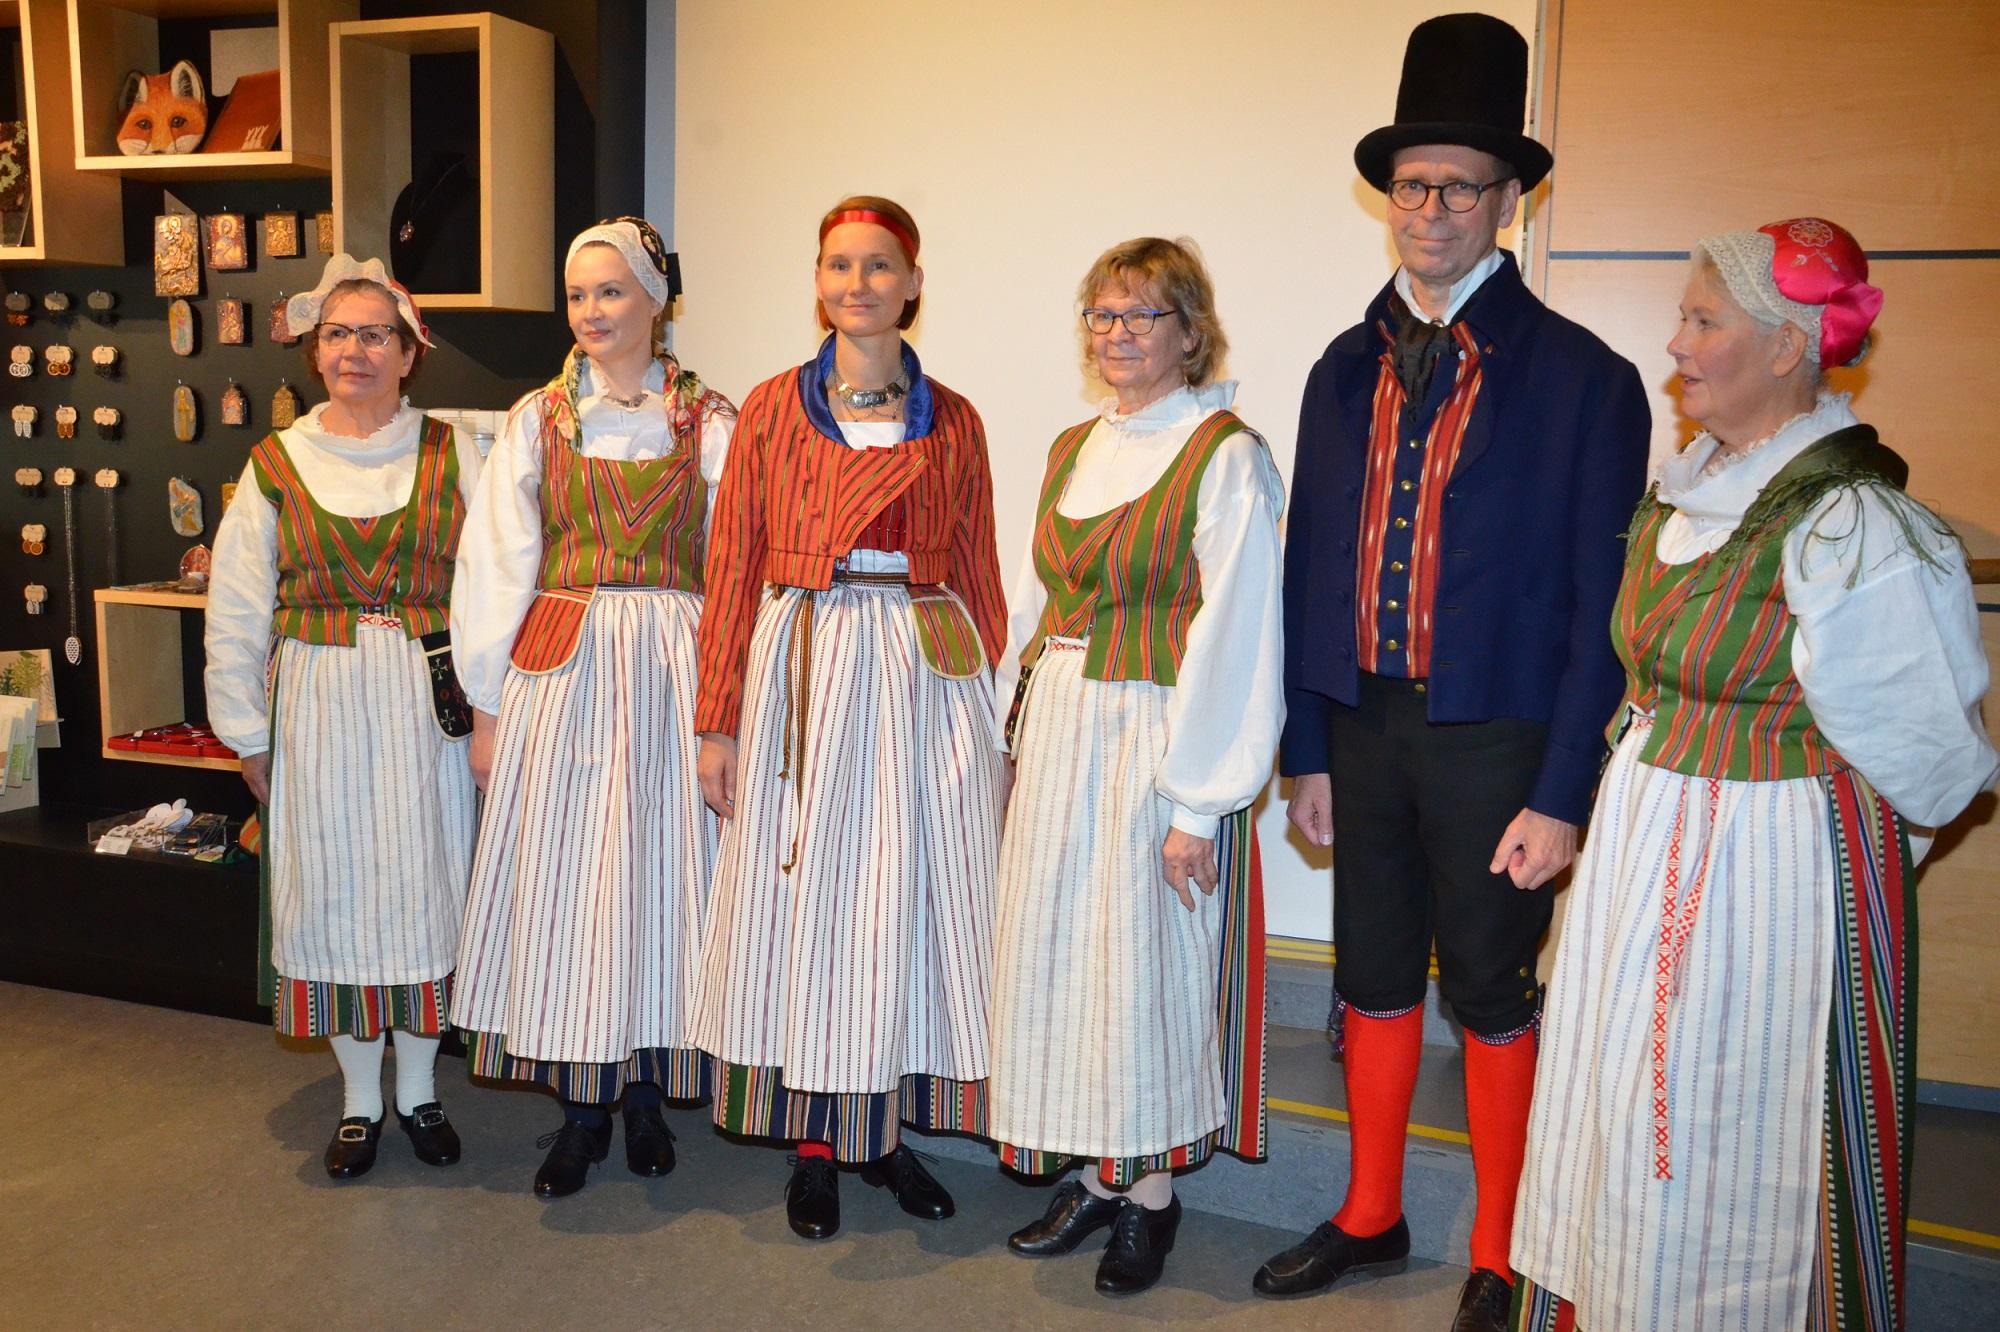 Ikaalisten kansallispukuja rivissä viisi naisen pukua ja yksi miehn puku